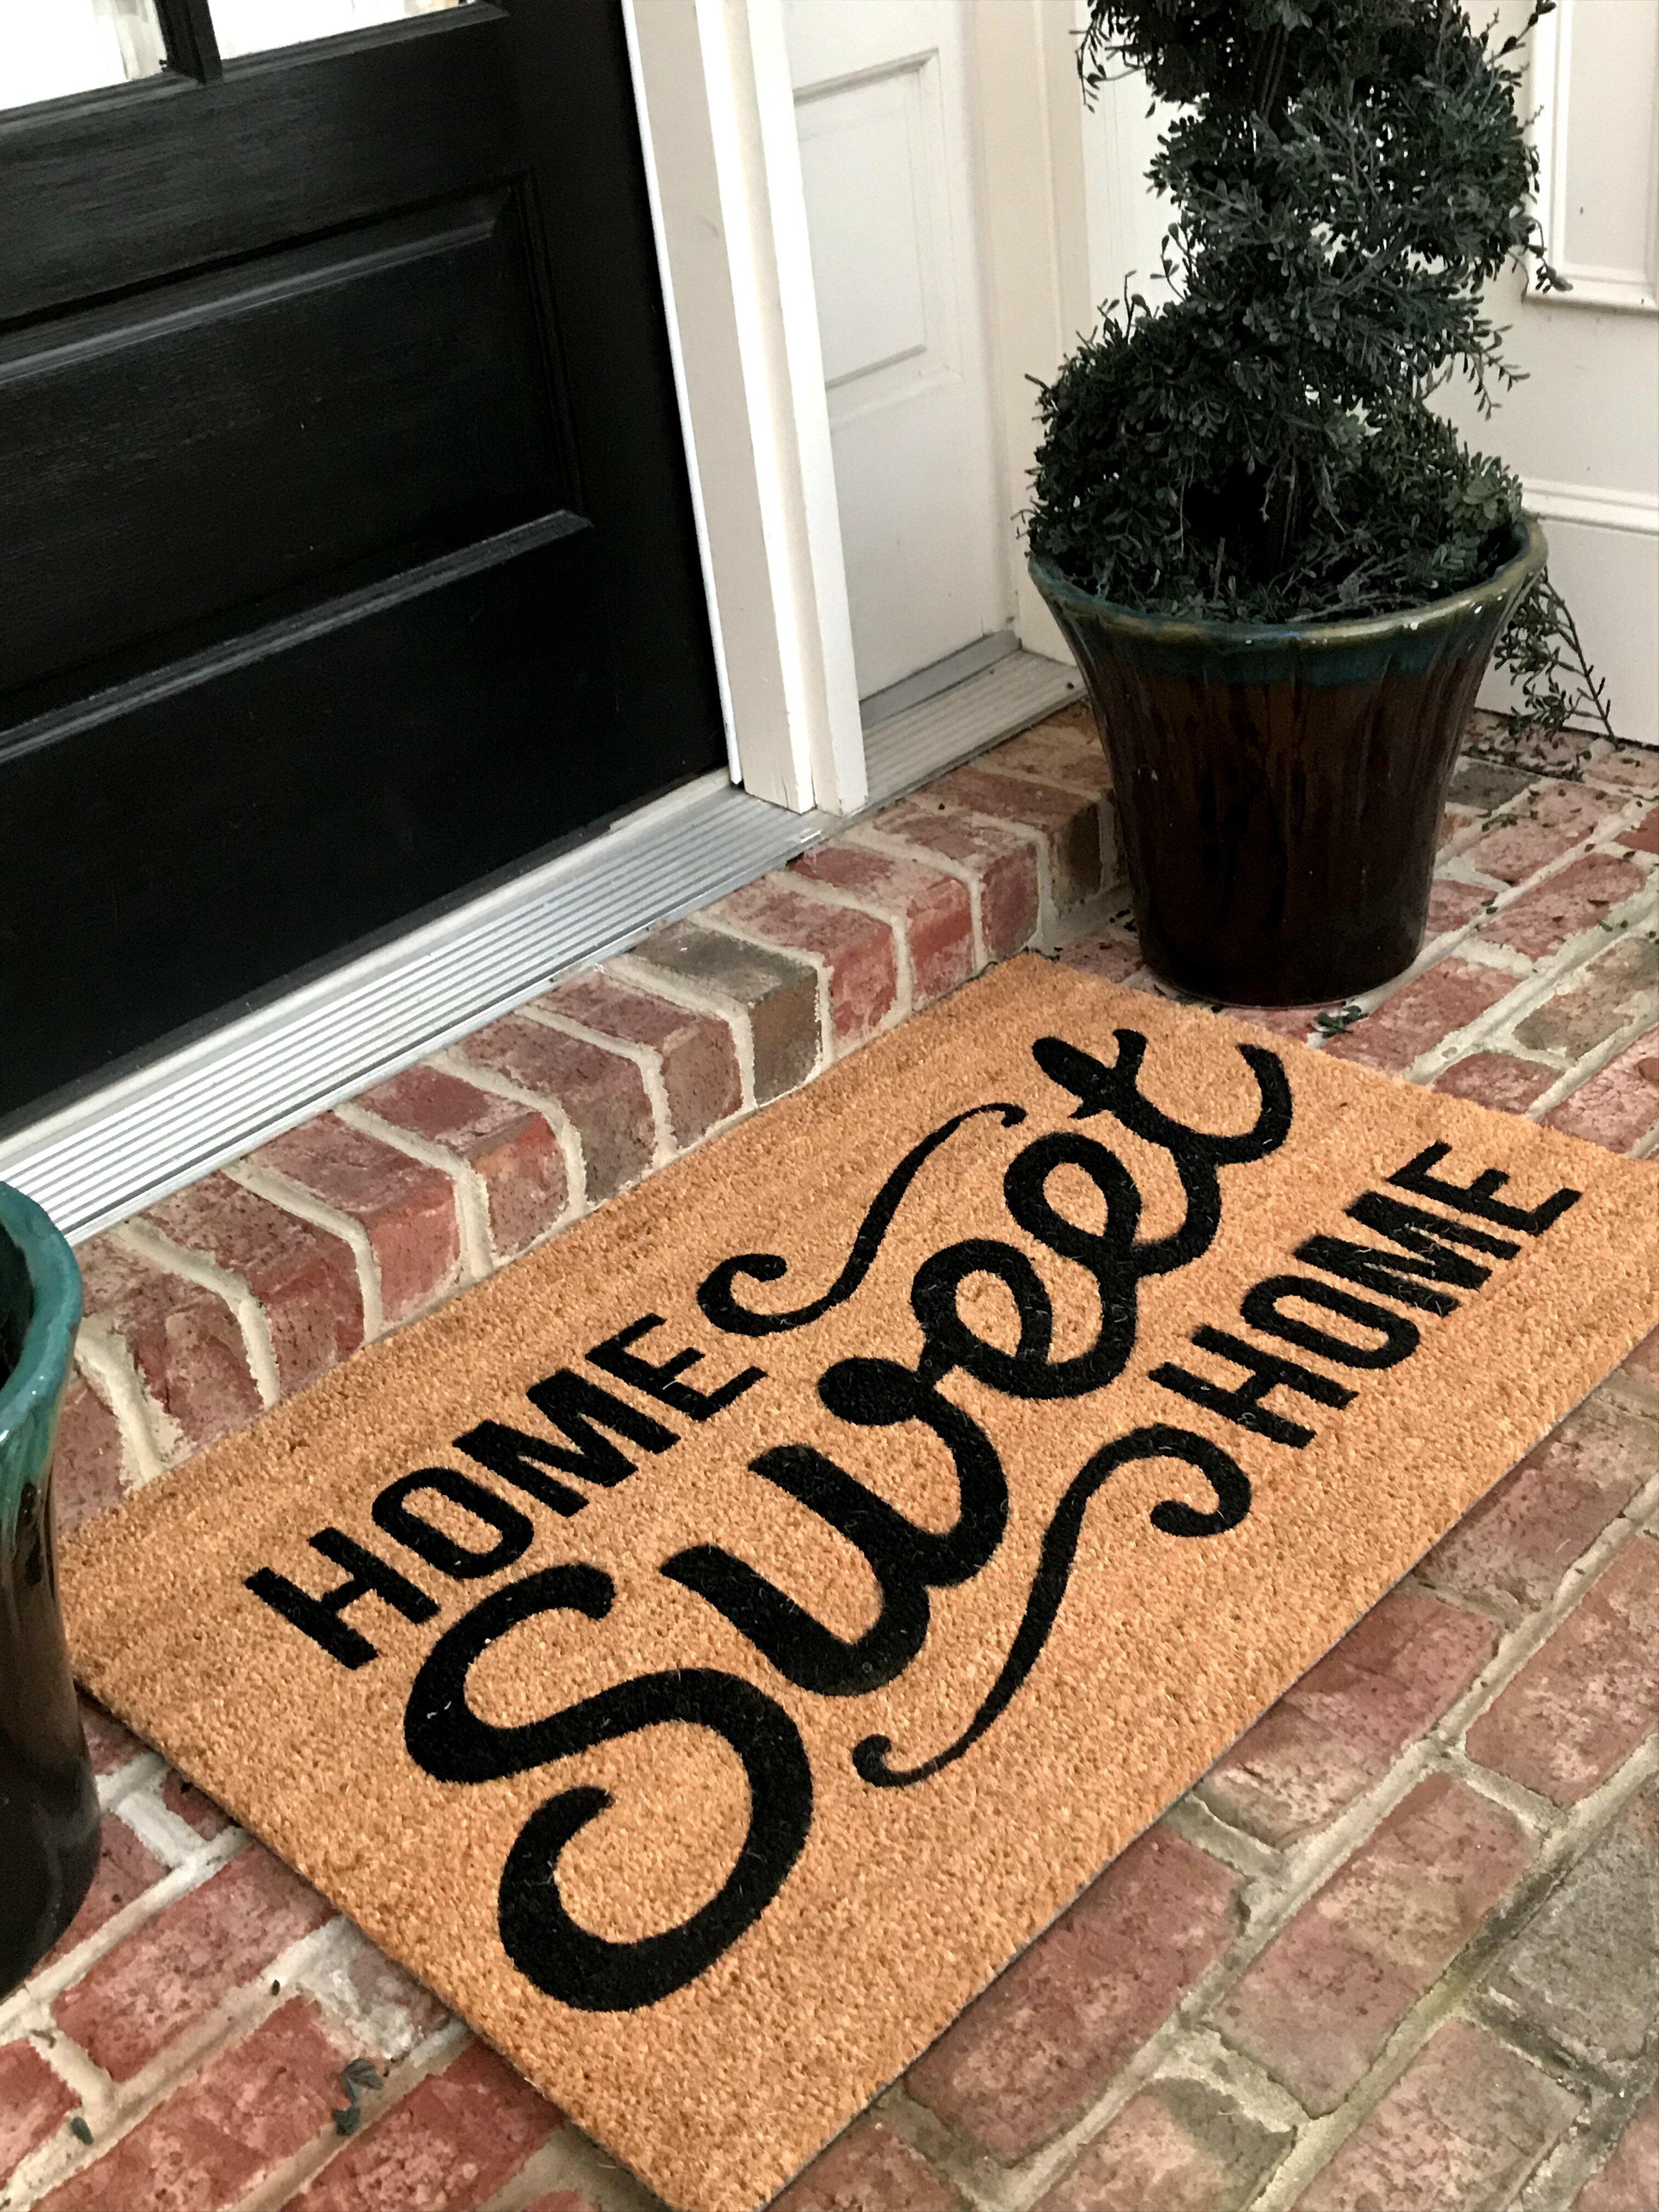 August Grove Home Sweet Home Coir Non Slip Outdoor Door Mat Reviews Wayfair